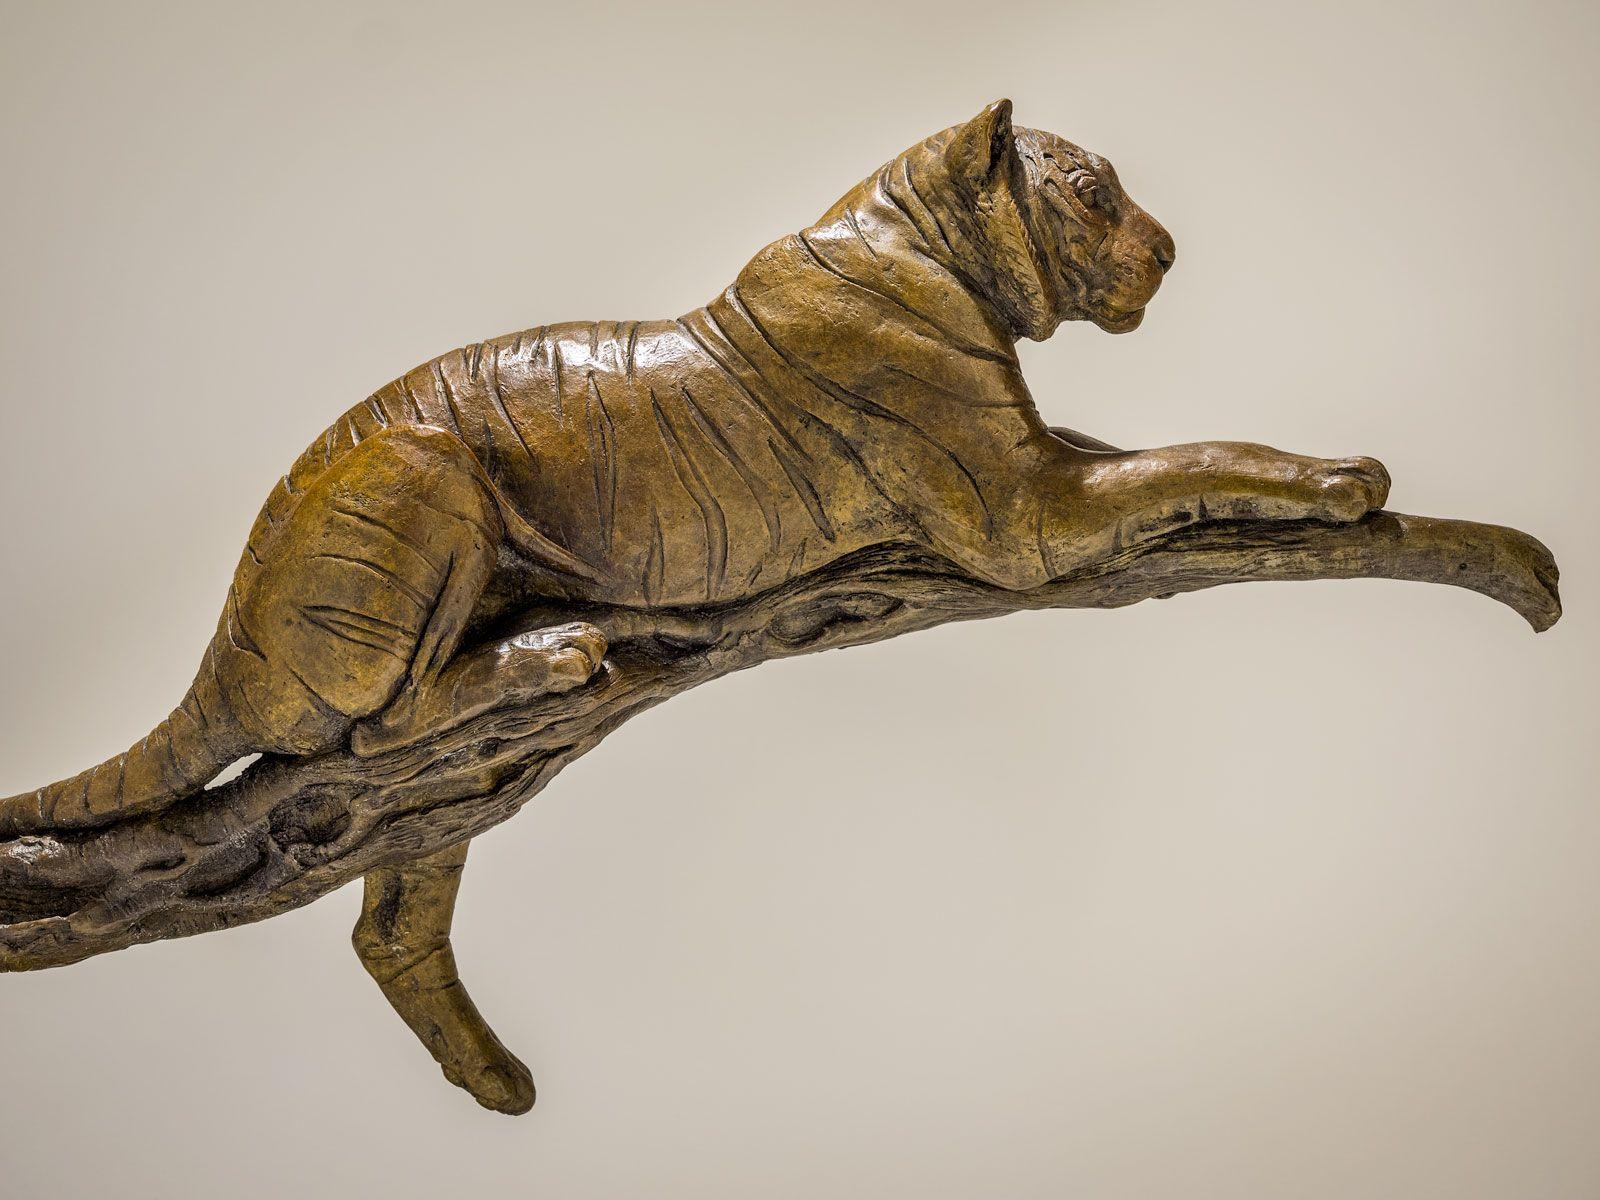 Bronze Tiger Sculpture By Artist Nick Mackman Artist